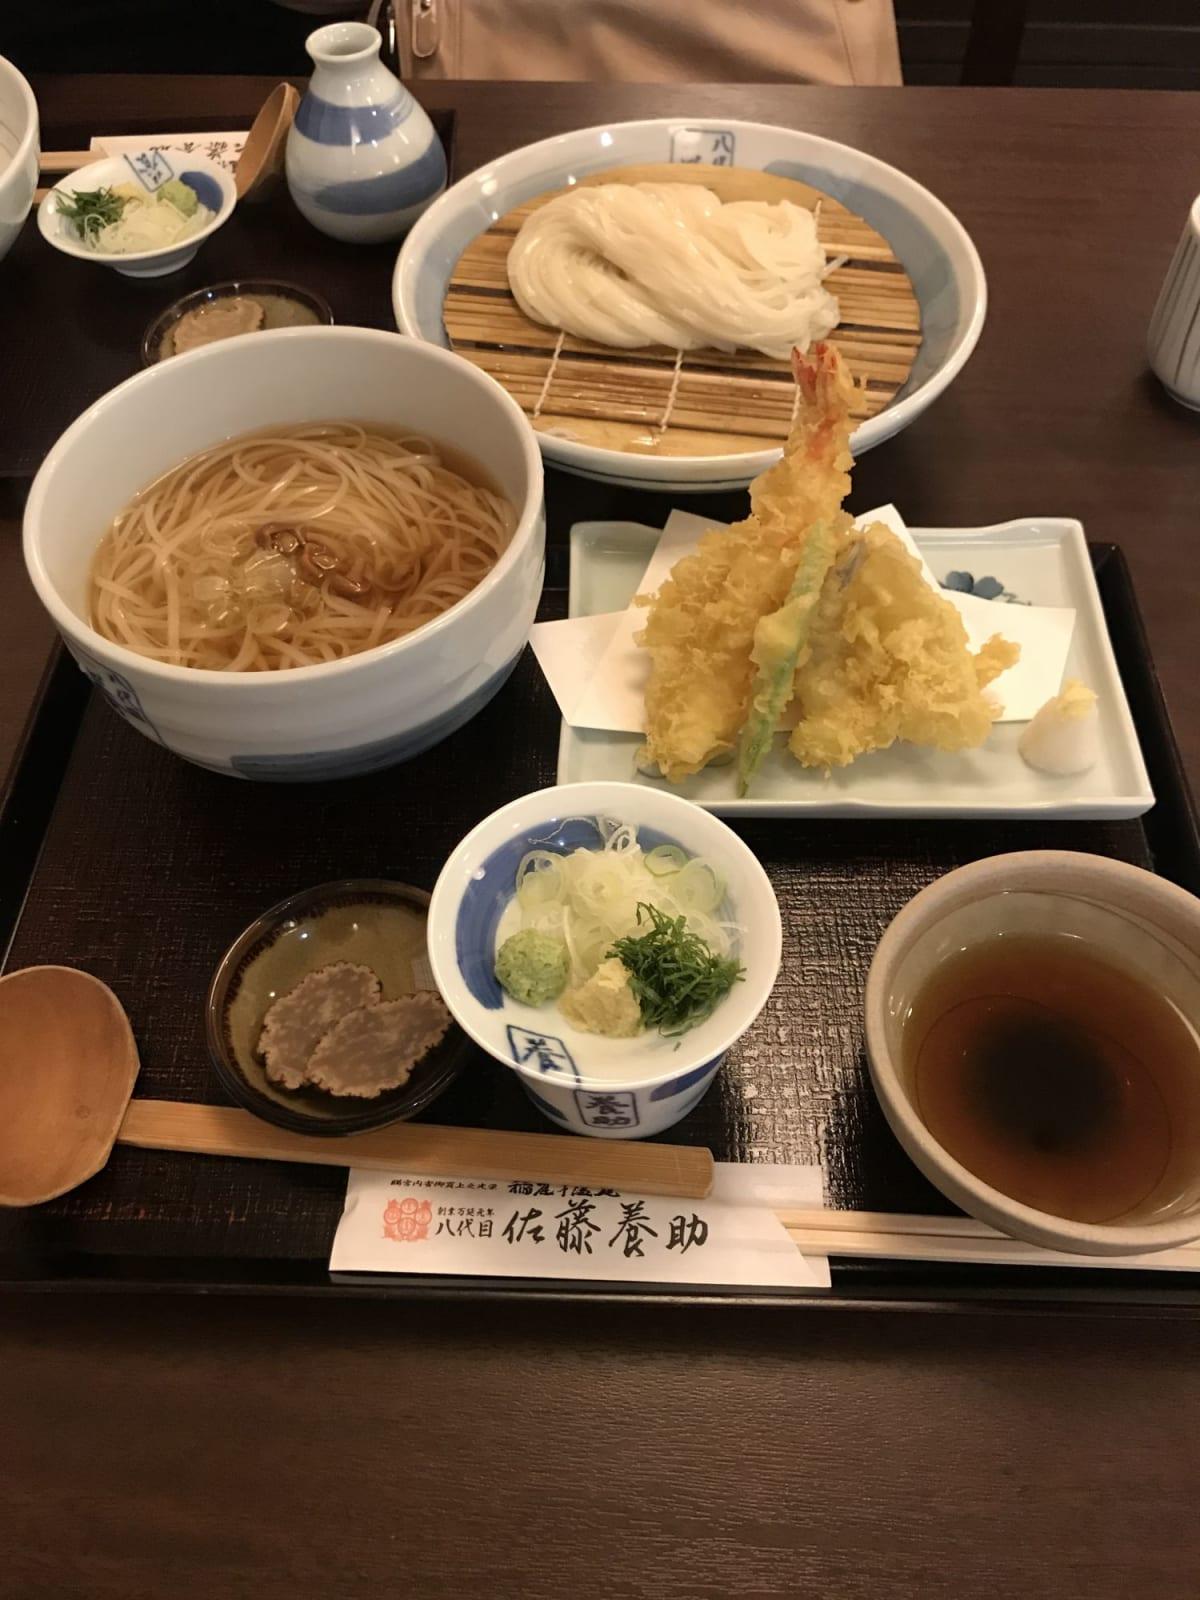 伊藤養助の稲庭うどん、食べ比べセット1800円。 | 秋田